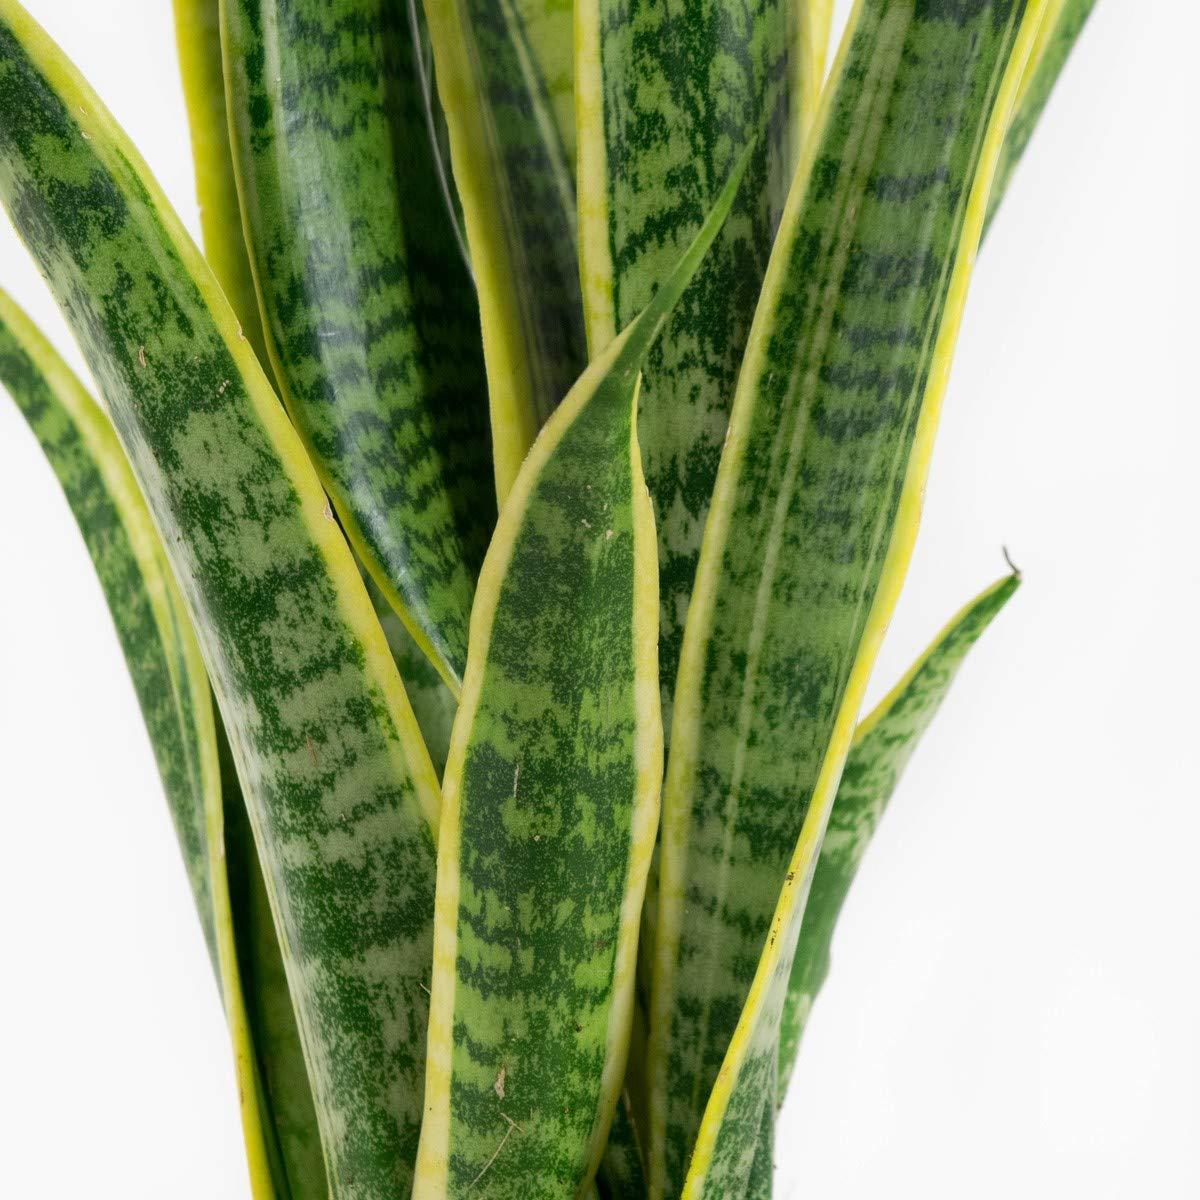 Indoor-Helden Sanseveria laurentii Topf-/Ø: 12 cm Bogenhanf im 3er Set Bogenhanf luftreinigende Zimmerpflanze H/öhe: 30 cm